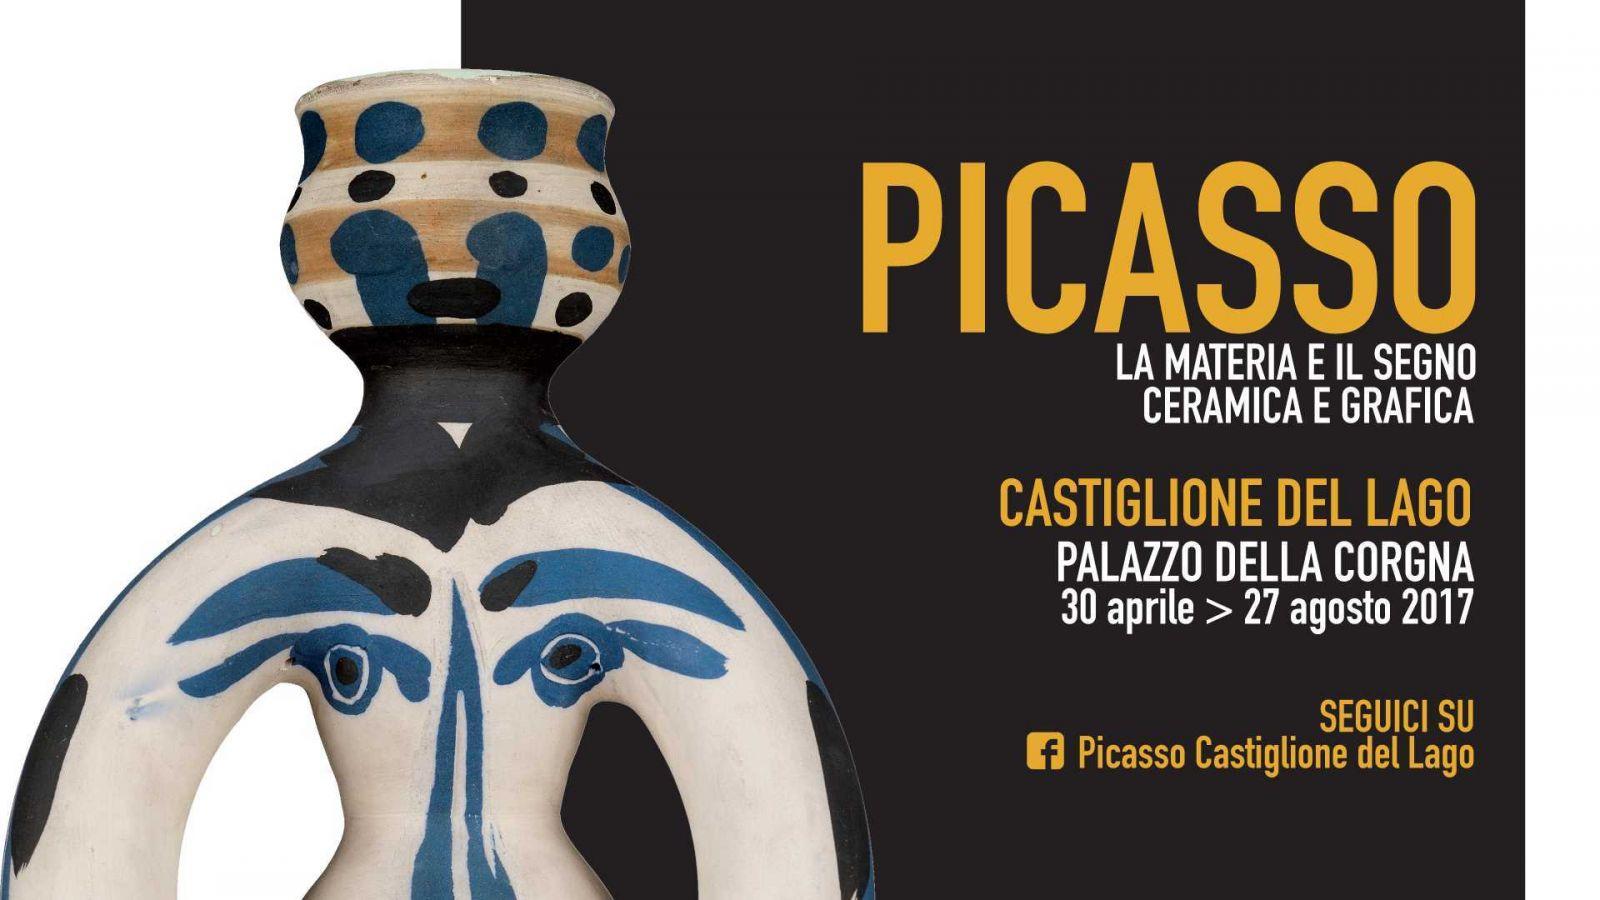 Pablo Picasso. La materia e il segno. Ceramica, grafica Castiglione del Lago